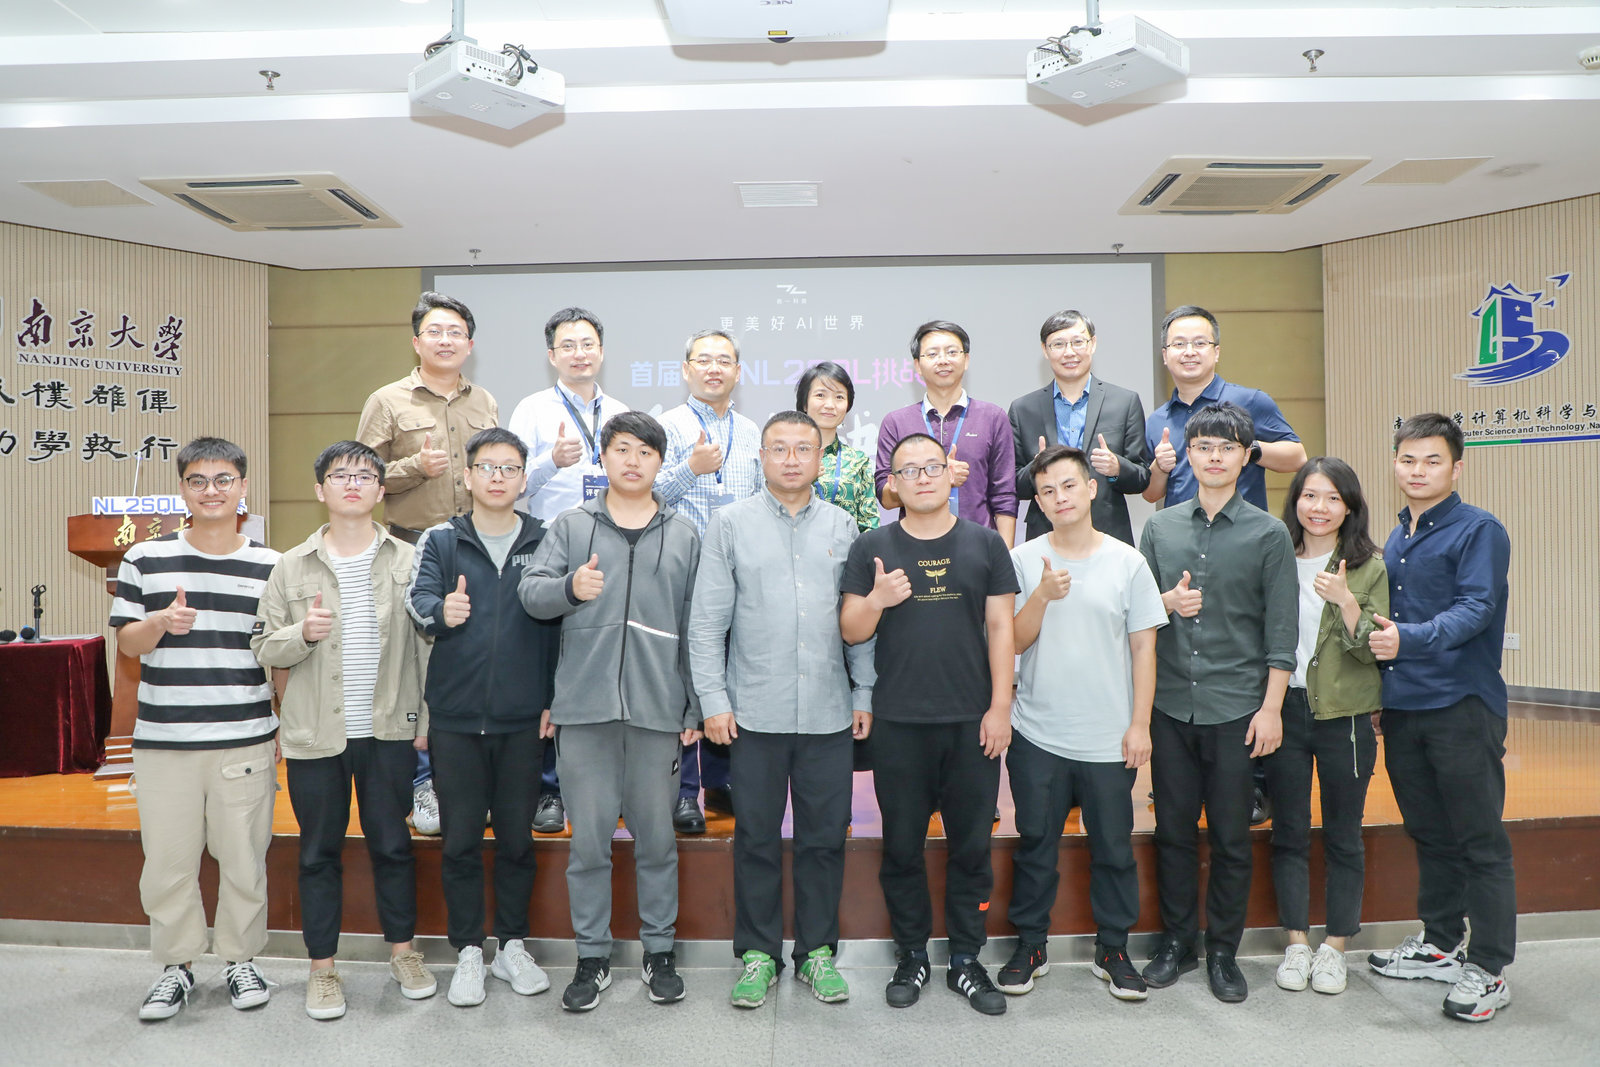 南京大学人工智能学院教授俞扬:从应用出发多角度设计,可得更优算法模型